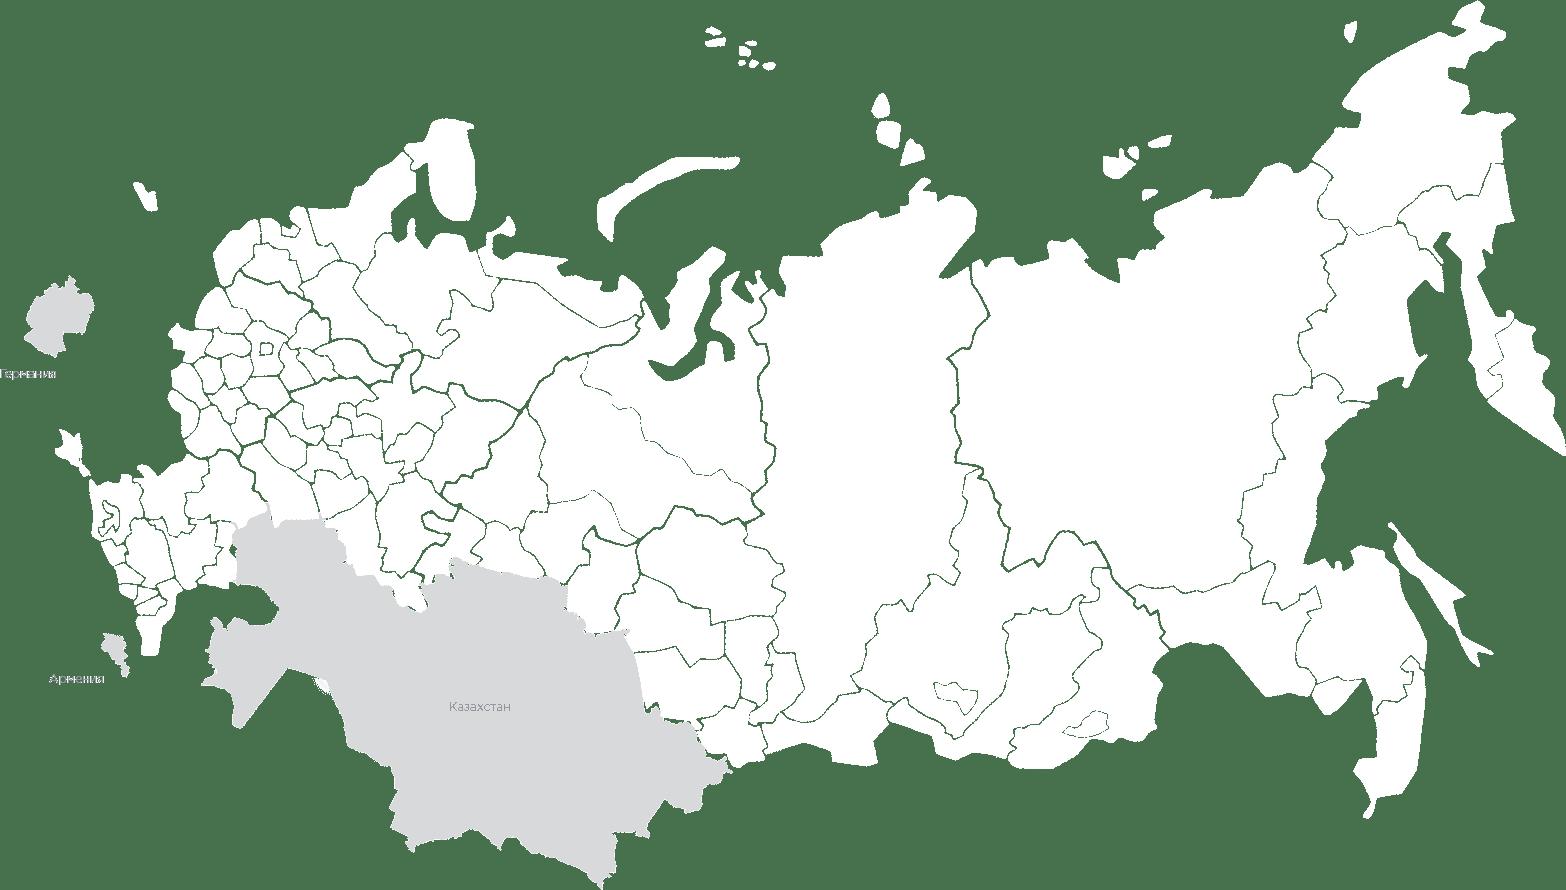 https://ekranpro.ru